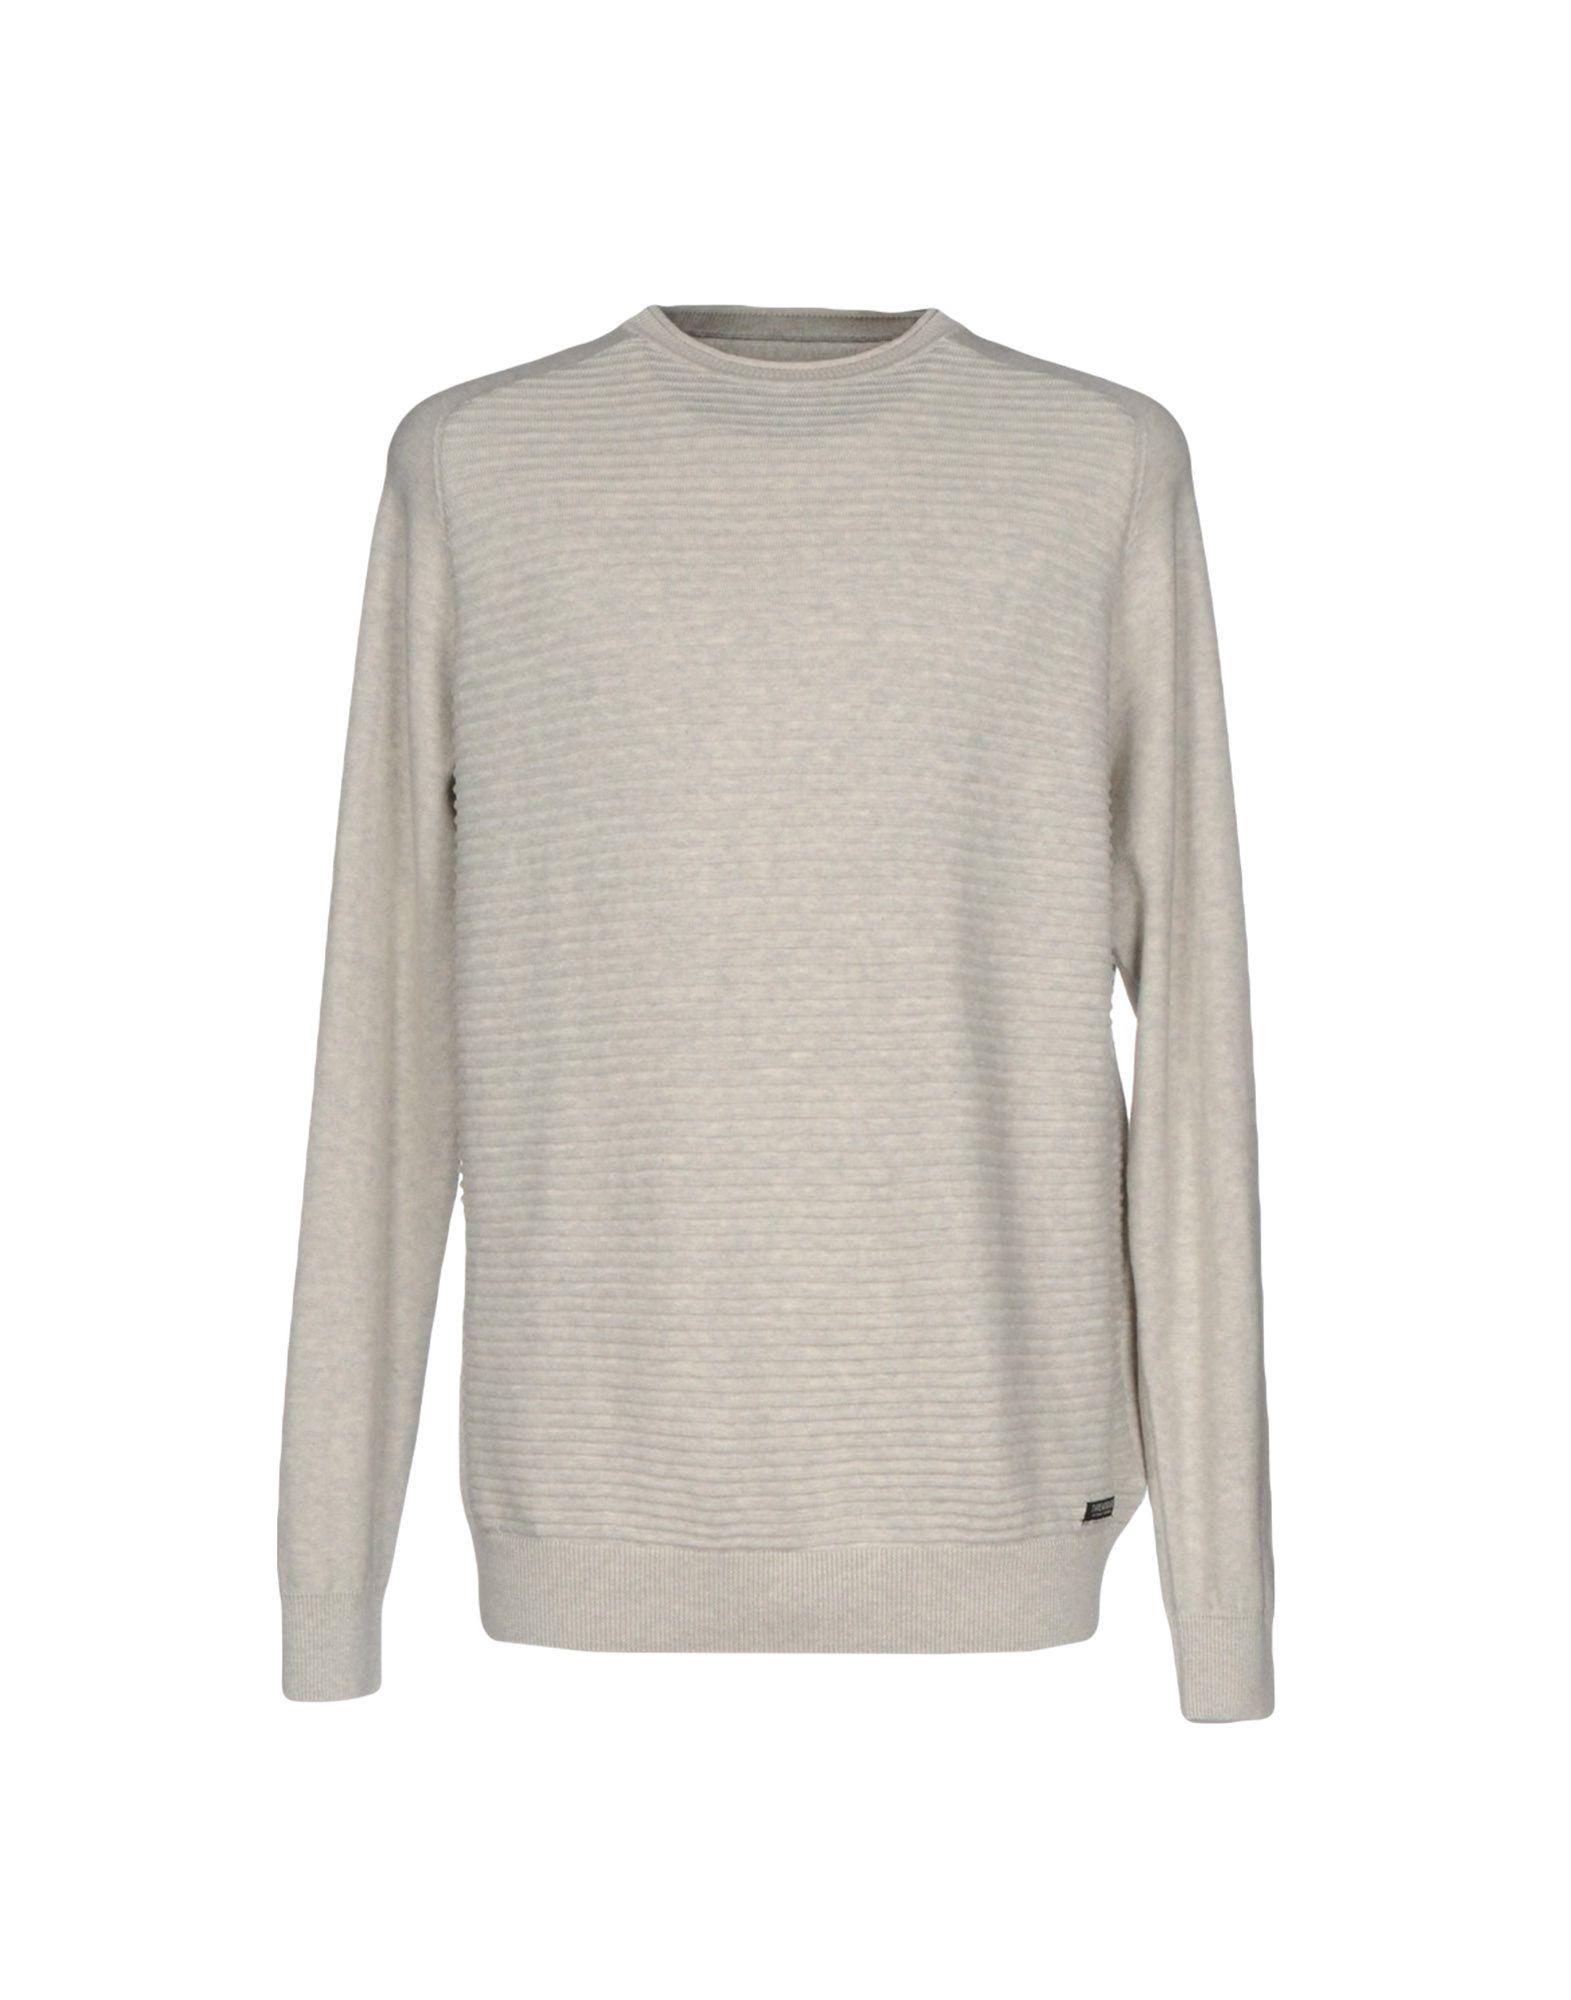 THREADBARE Herren Pullover Farbe Hellgrau Größe 6